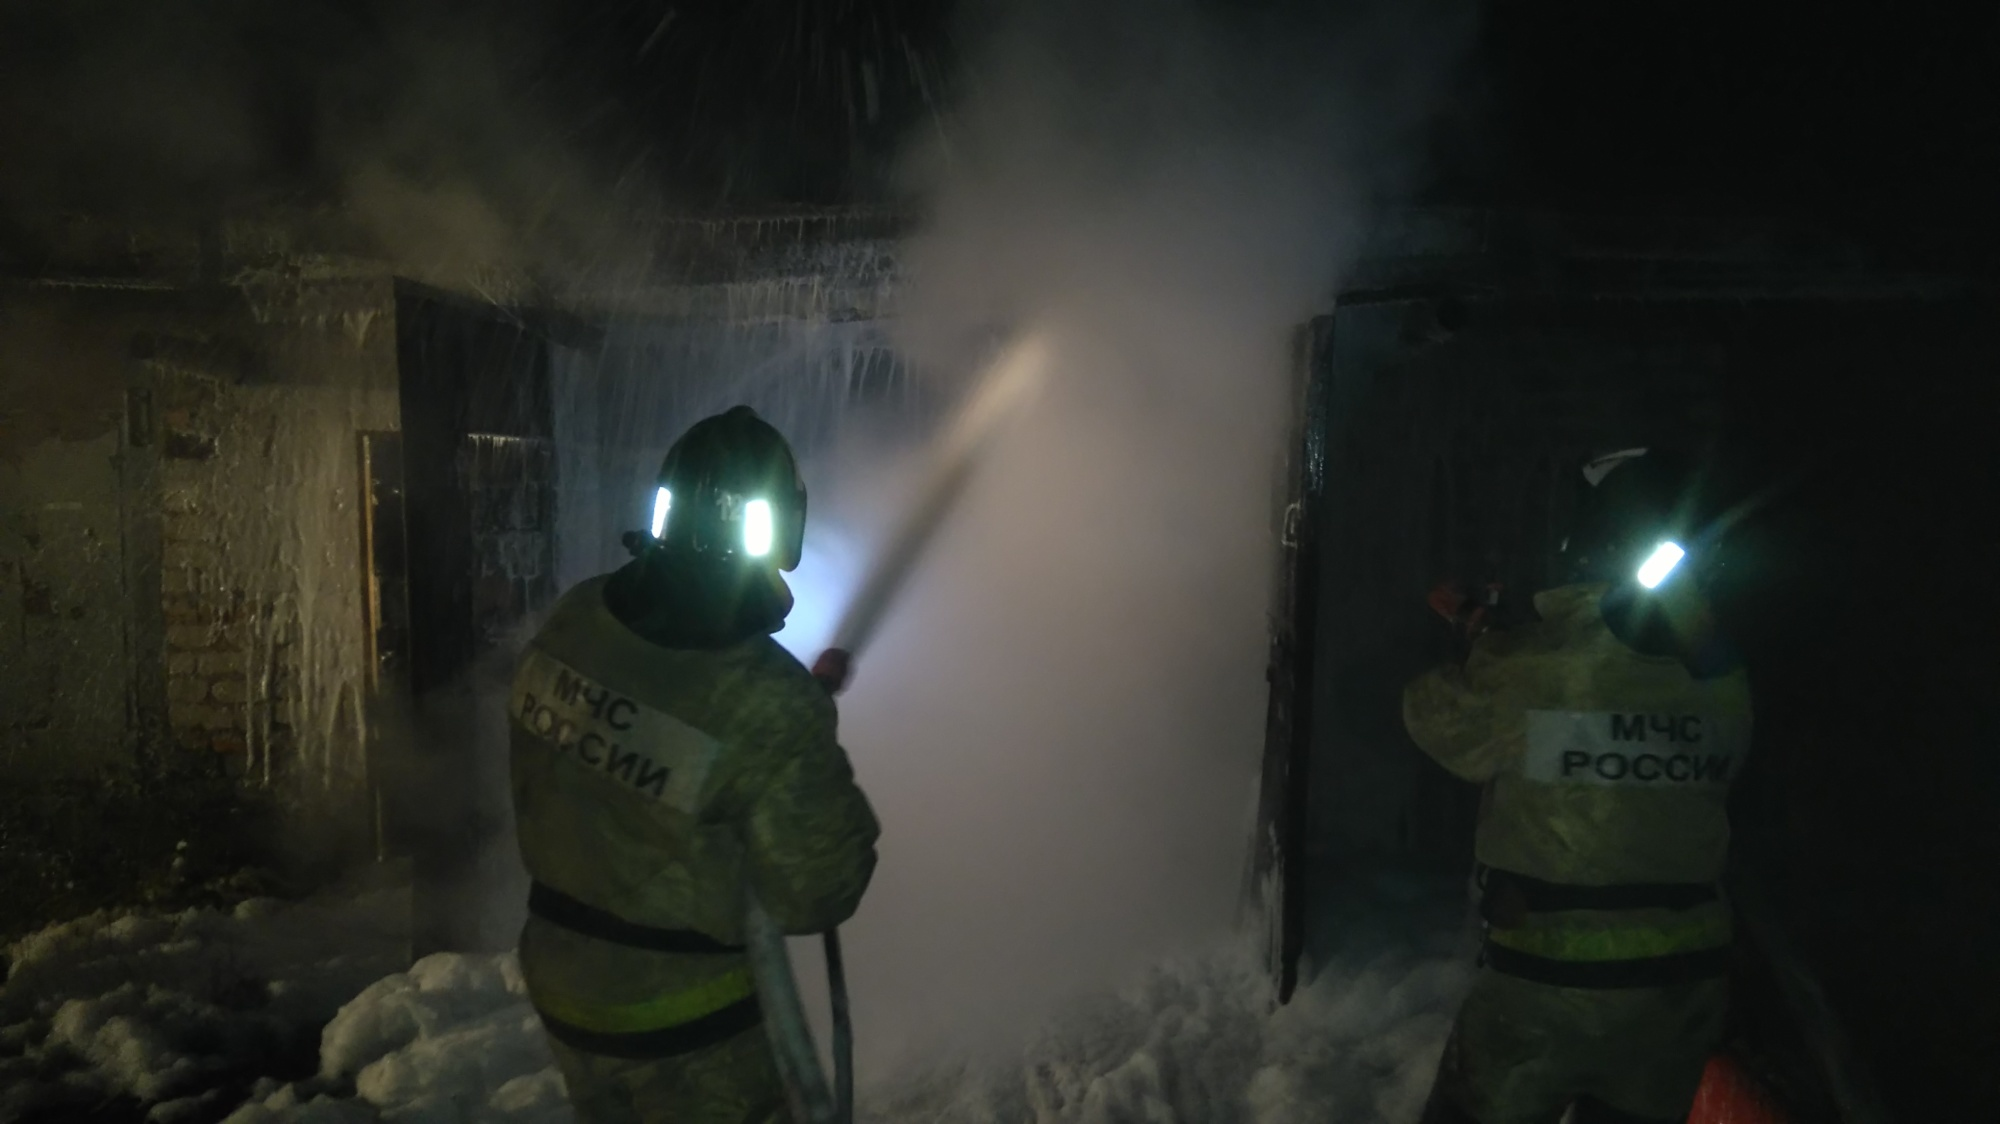 Пожарно-спасательные подразделения ликвидировали пожар в г. Петрозаводске.